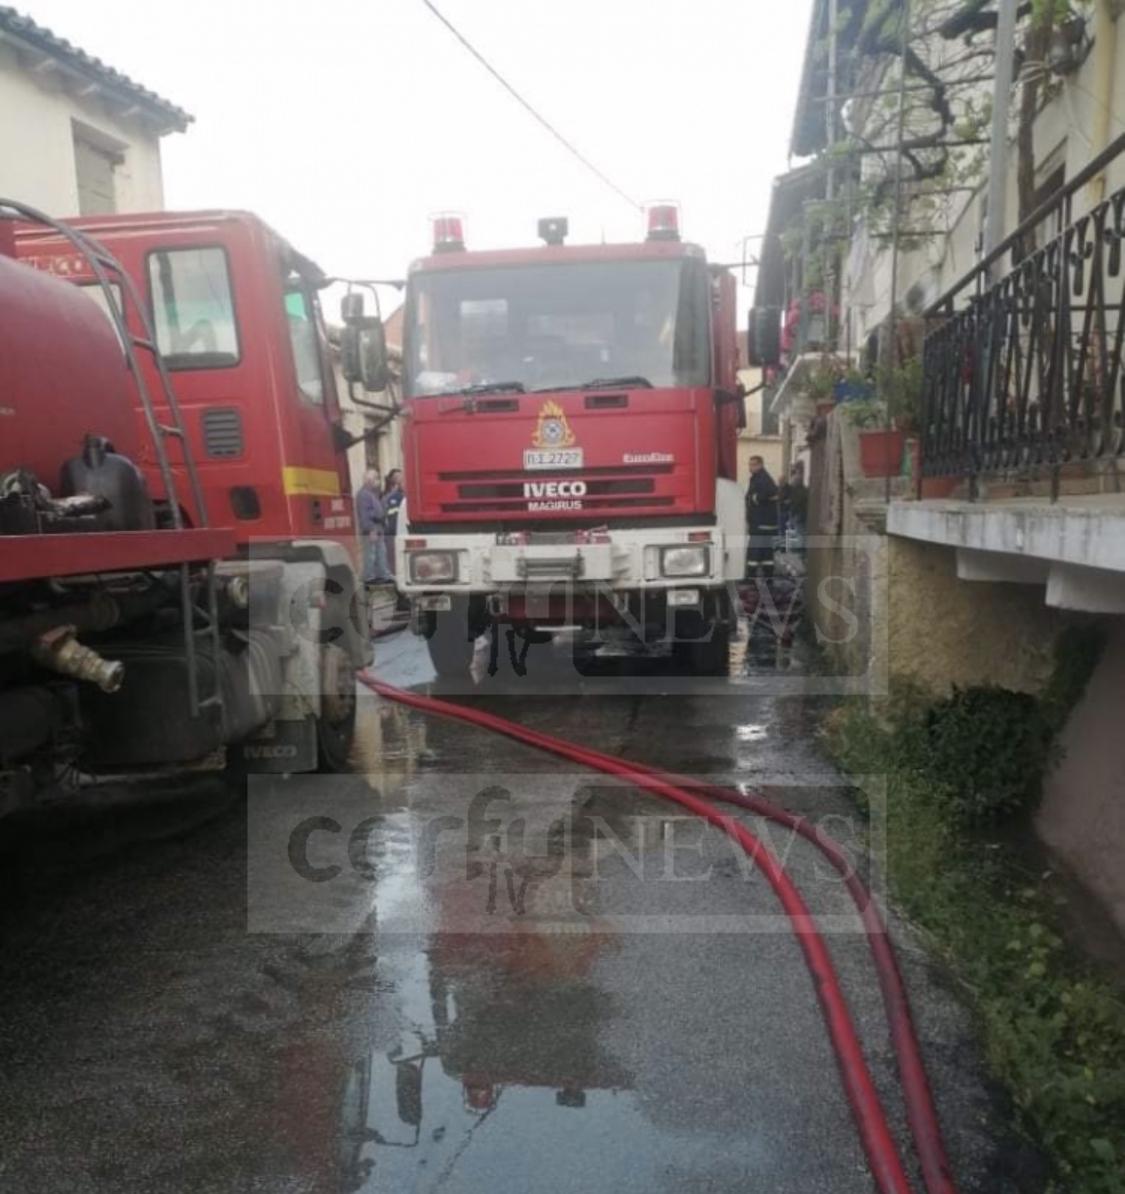 Κέρκυρα: Στο Νοσοκομείο προληπτικά πυροσβέστης που επιχείρησε στην πυρκαγιά στον Αγρό.